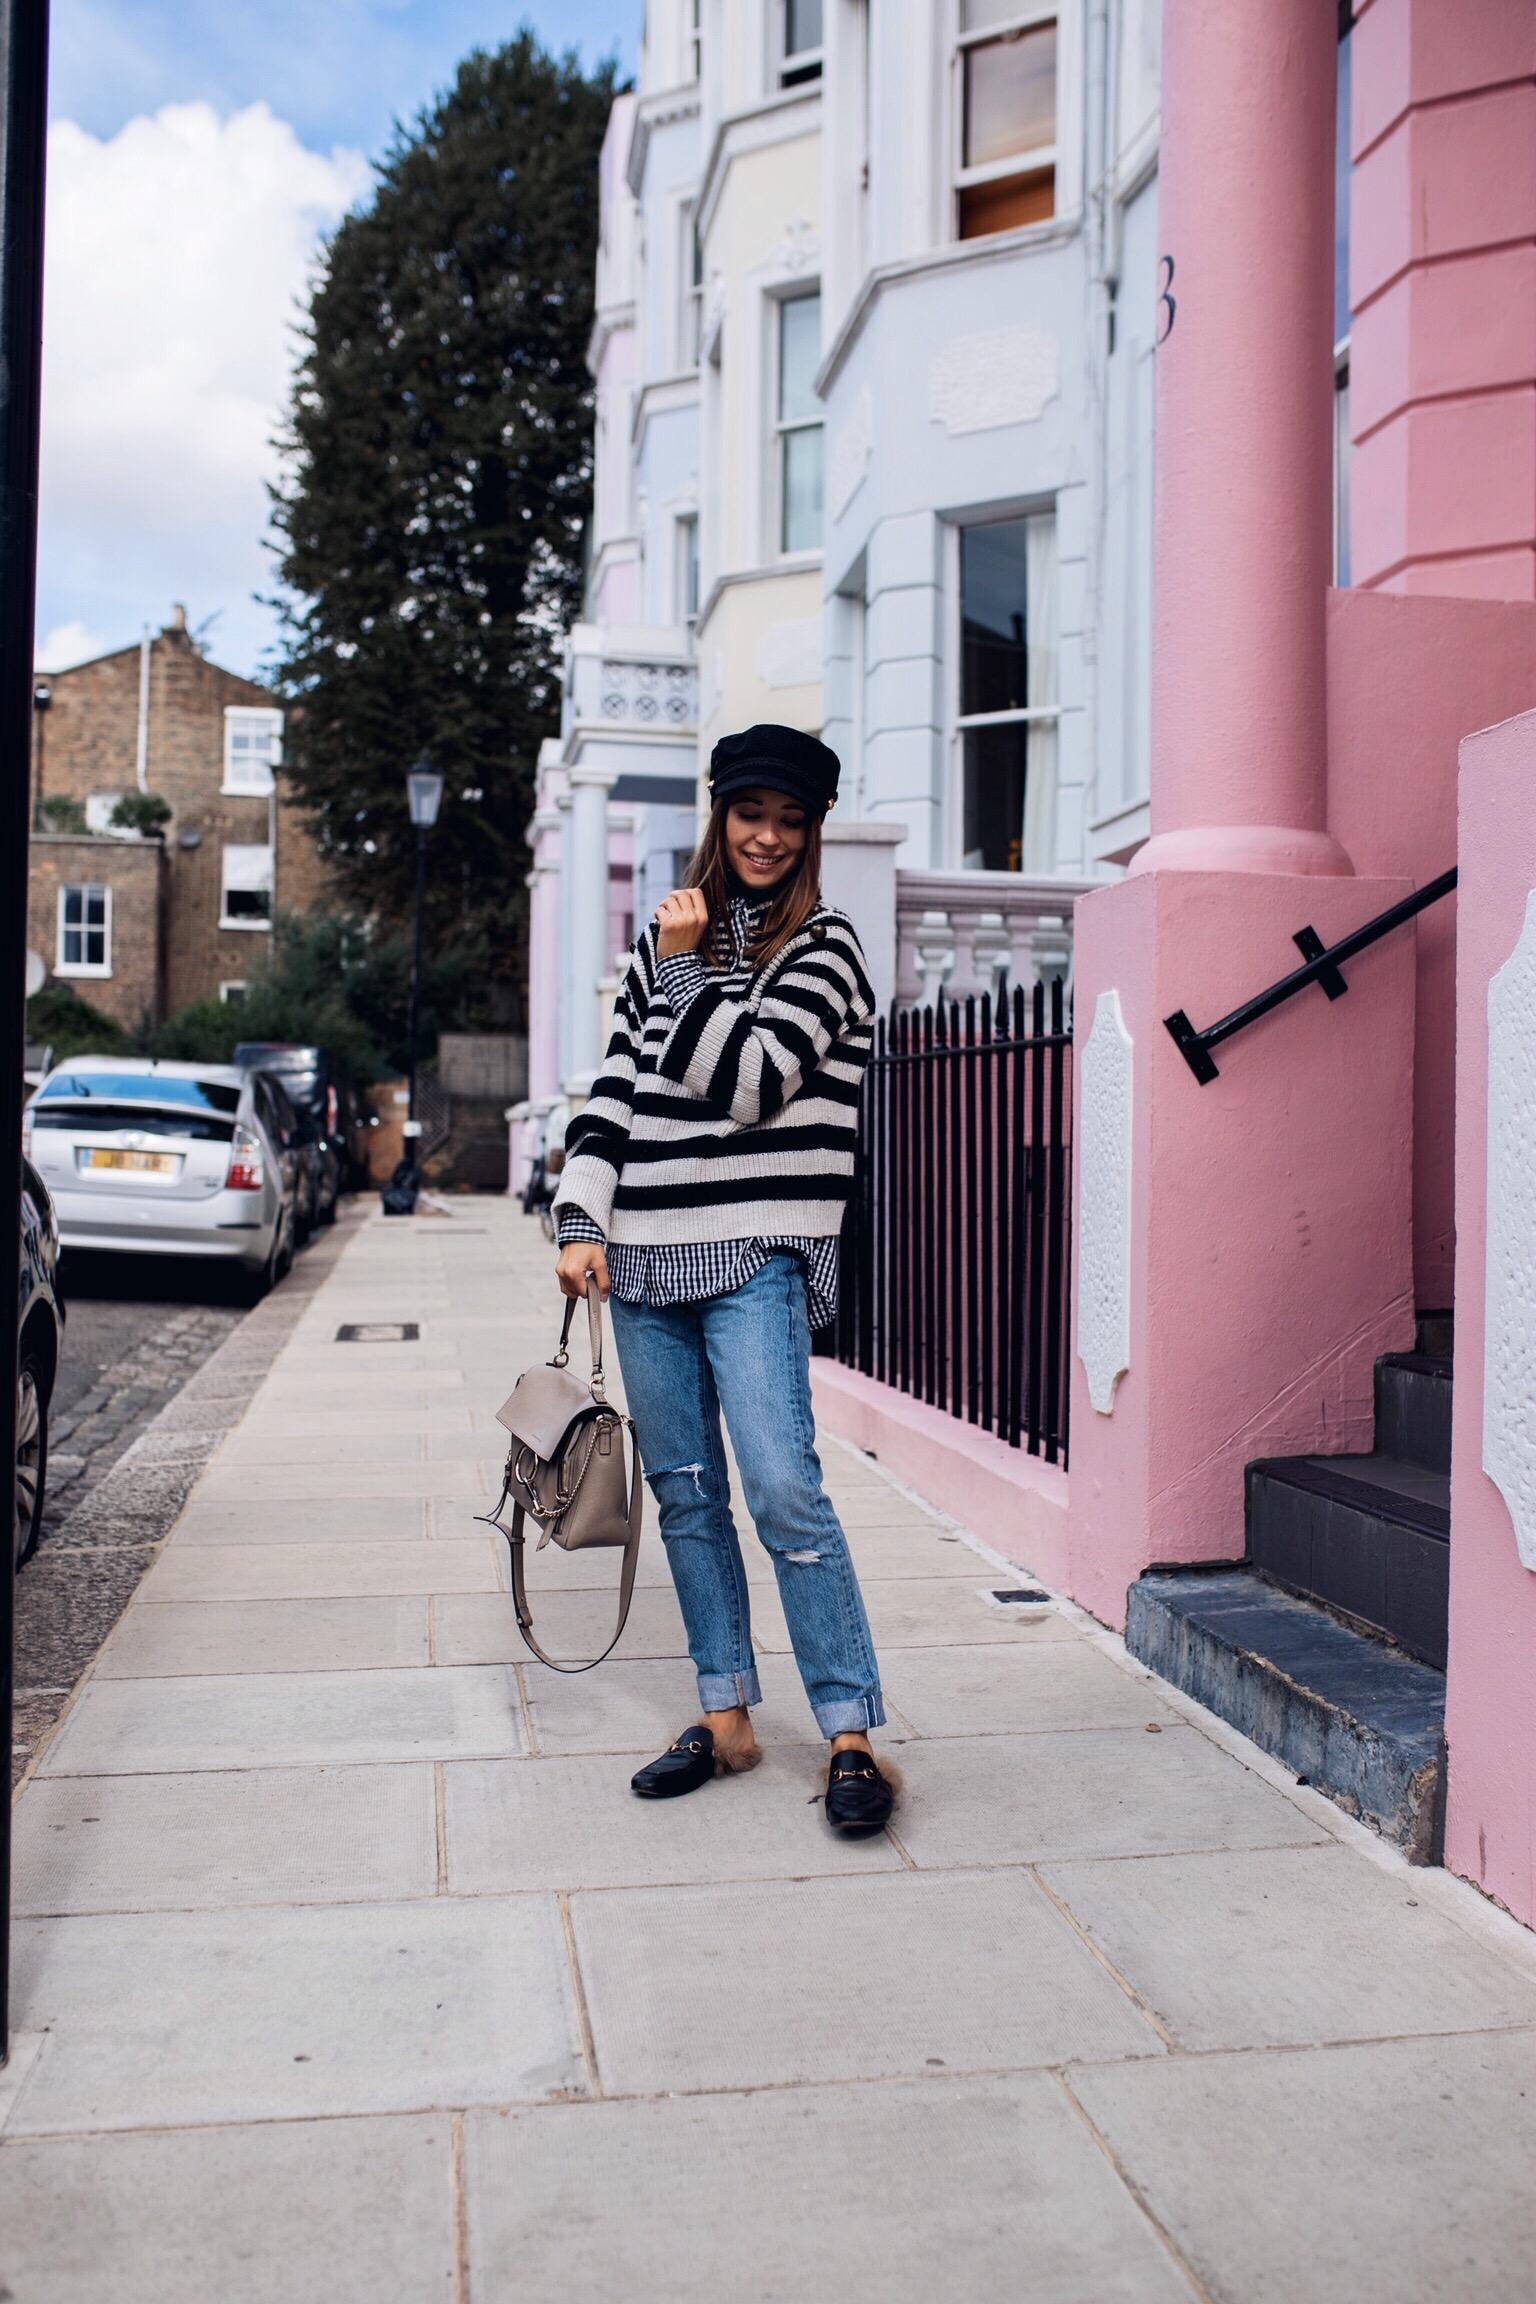 Herbstliches Outfit mit Streifenpullover und Levi's Jeans